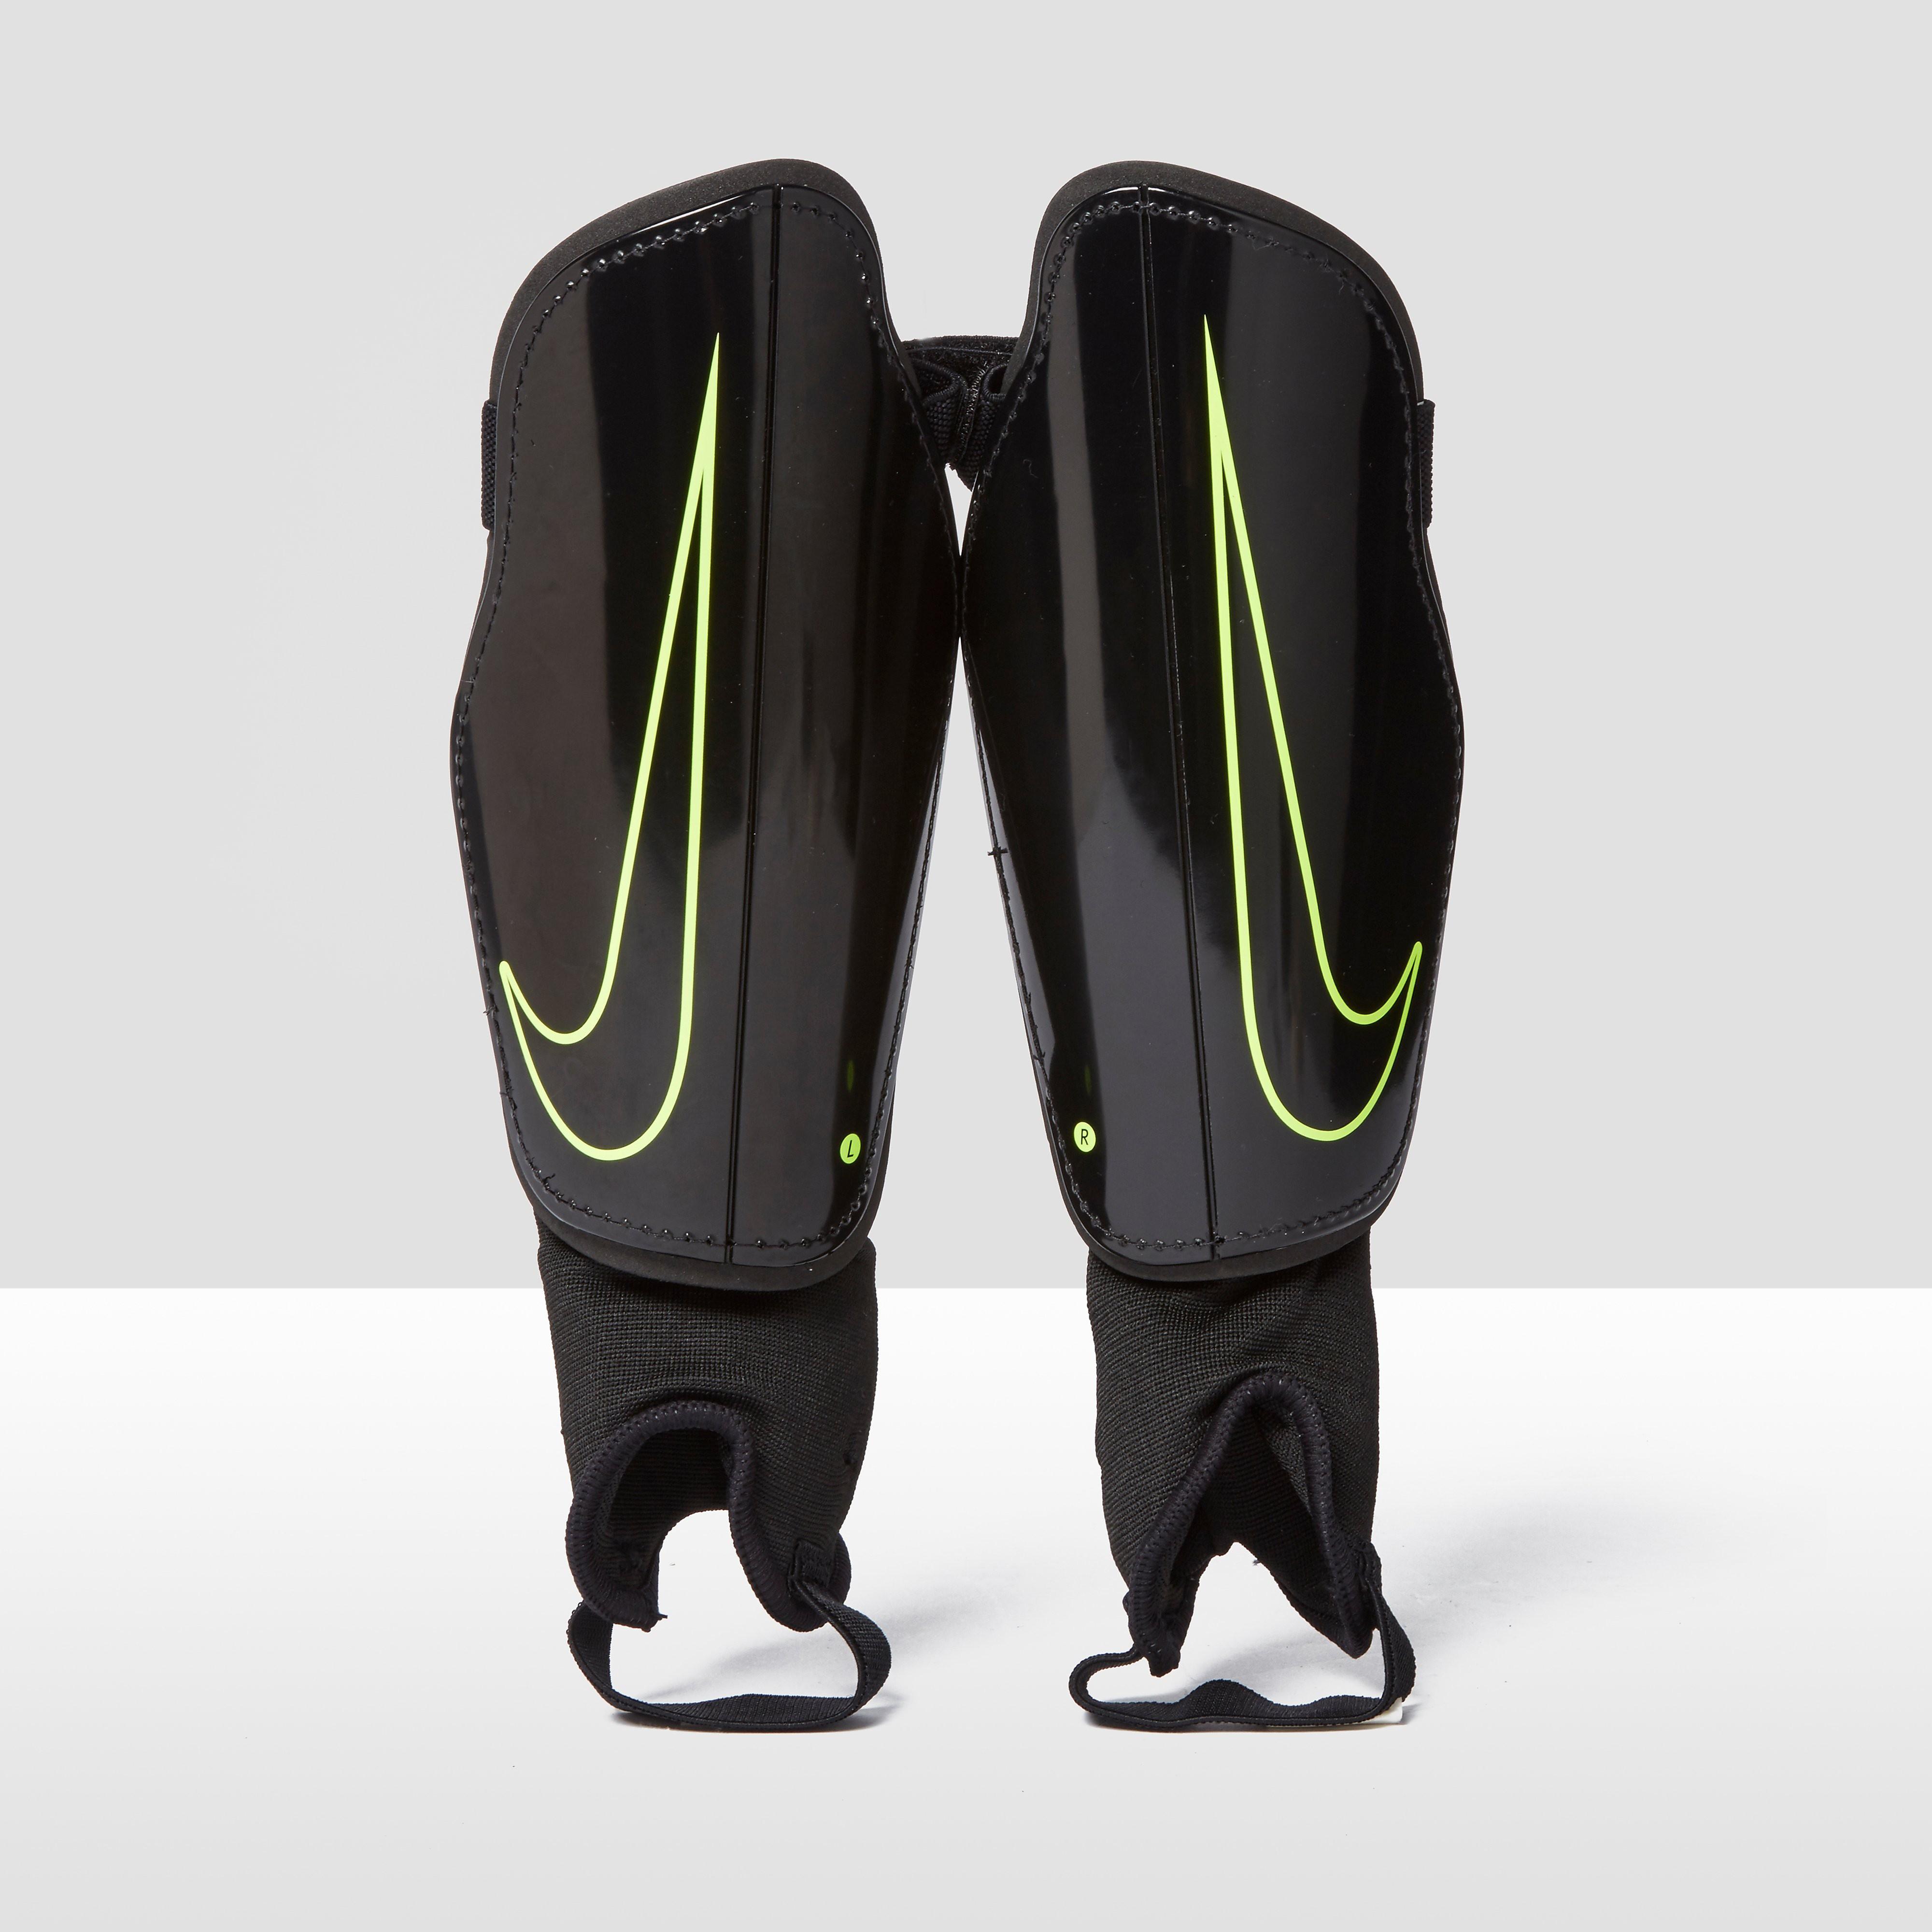 Nike Men's Charge Shield Shin Guards